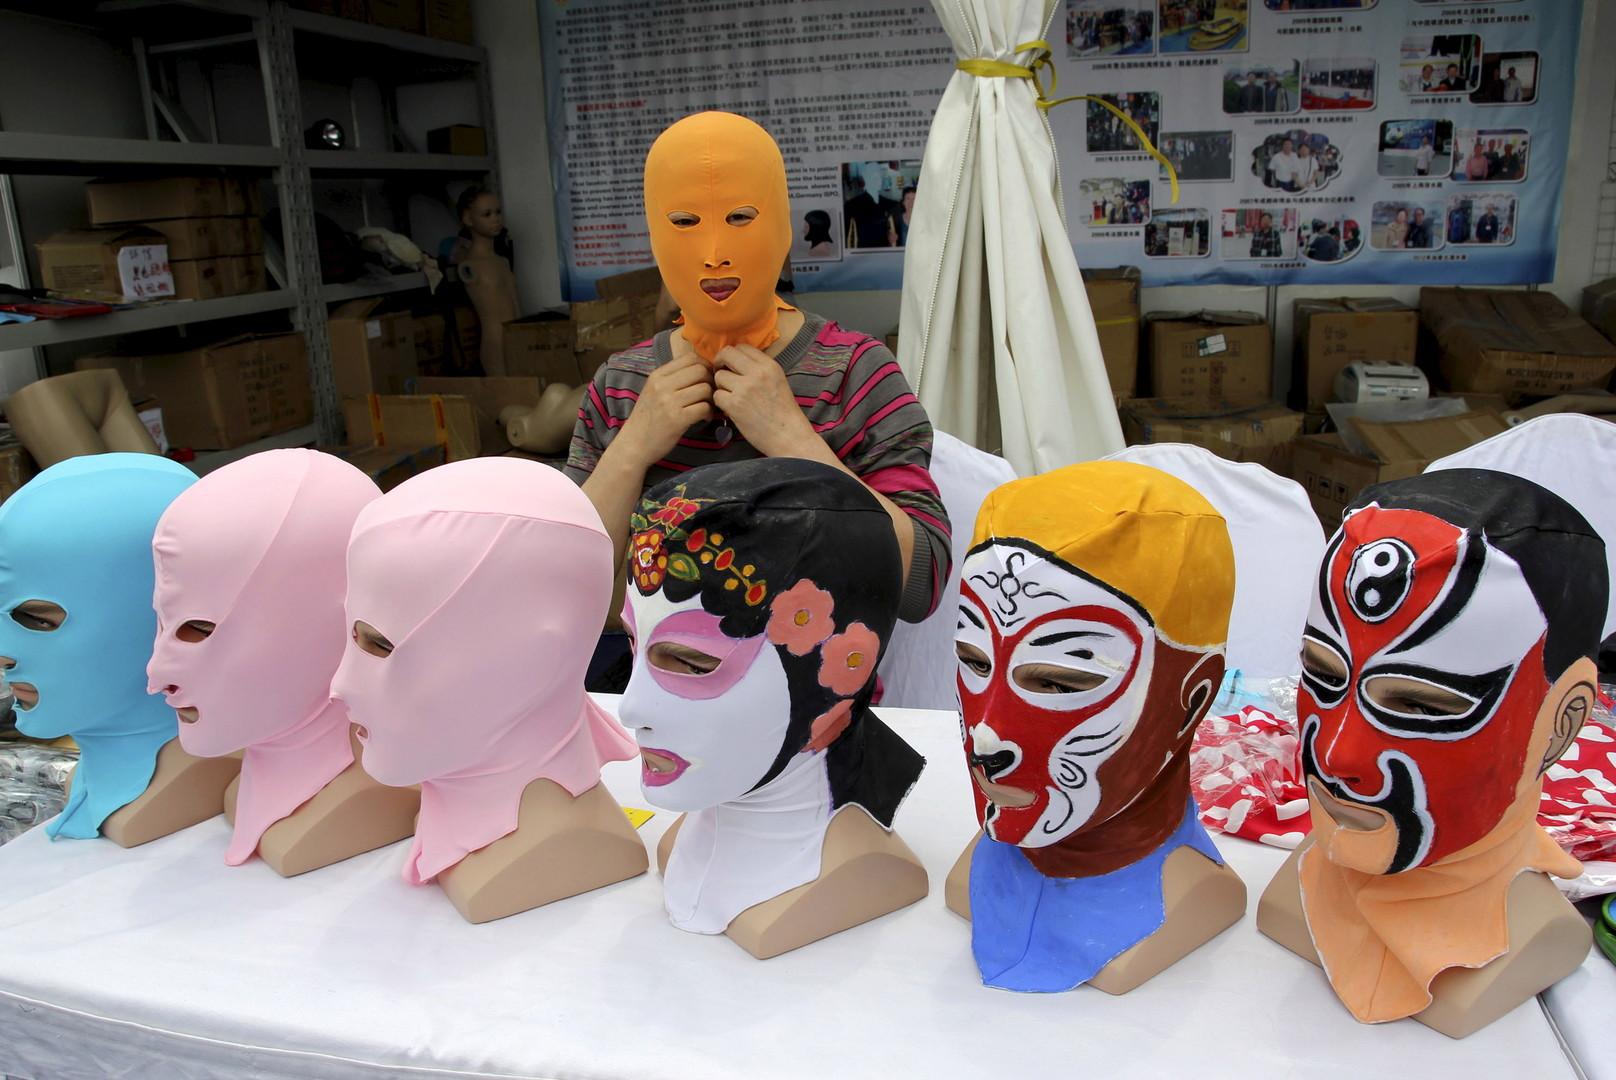 De nombreux modèles de face-kini existent.